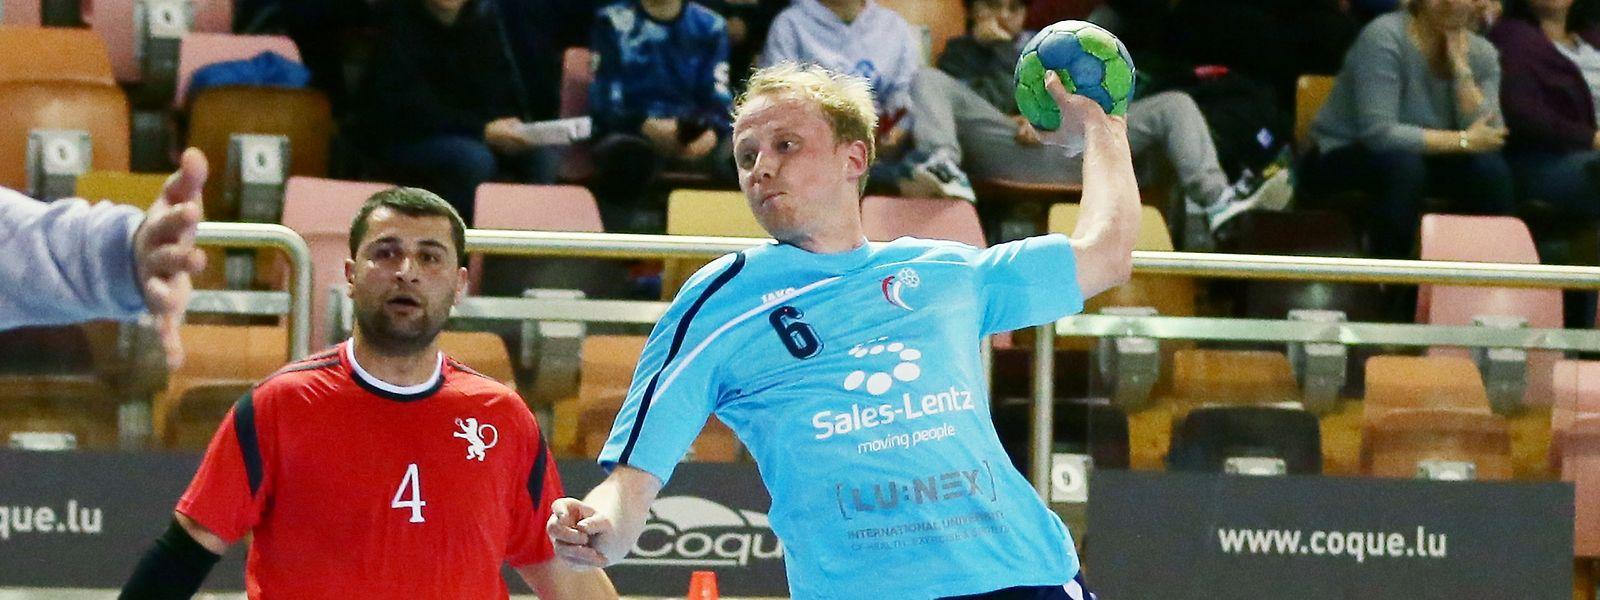 Dany Scholten (r.) bestritt 96 Spiele mit dem Nationalteam.